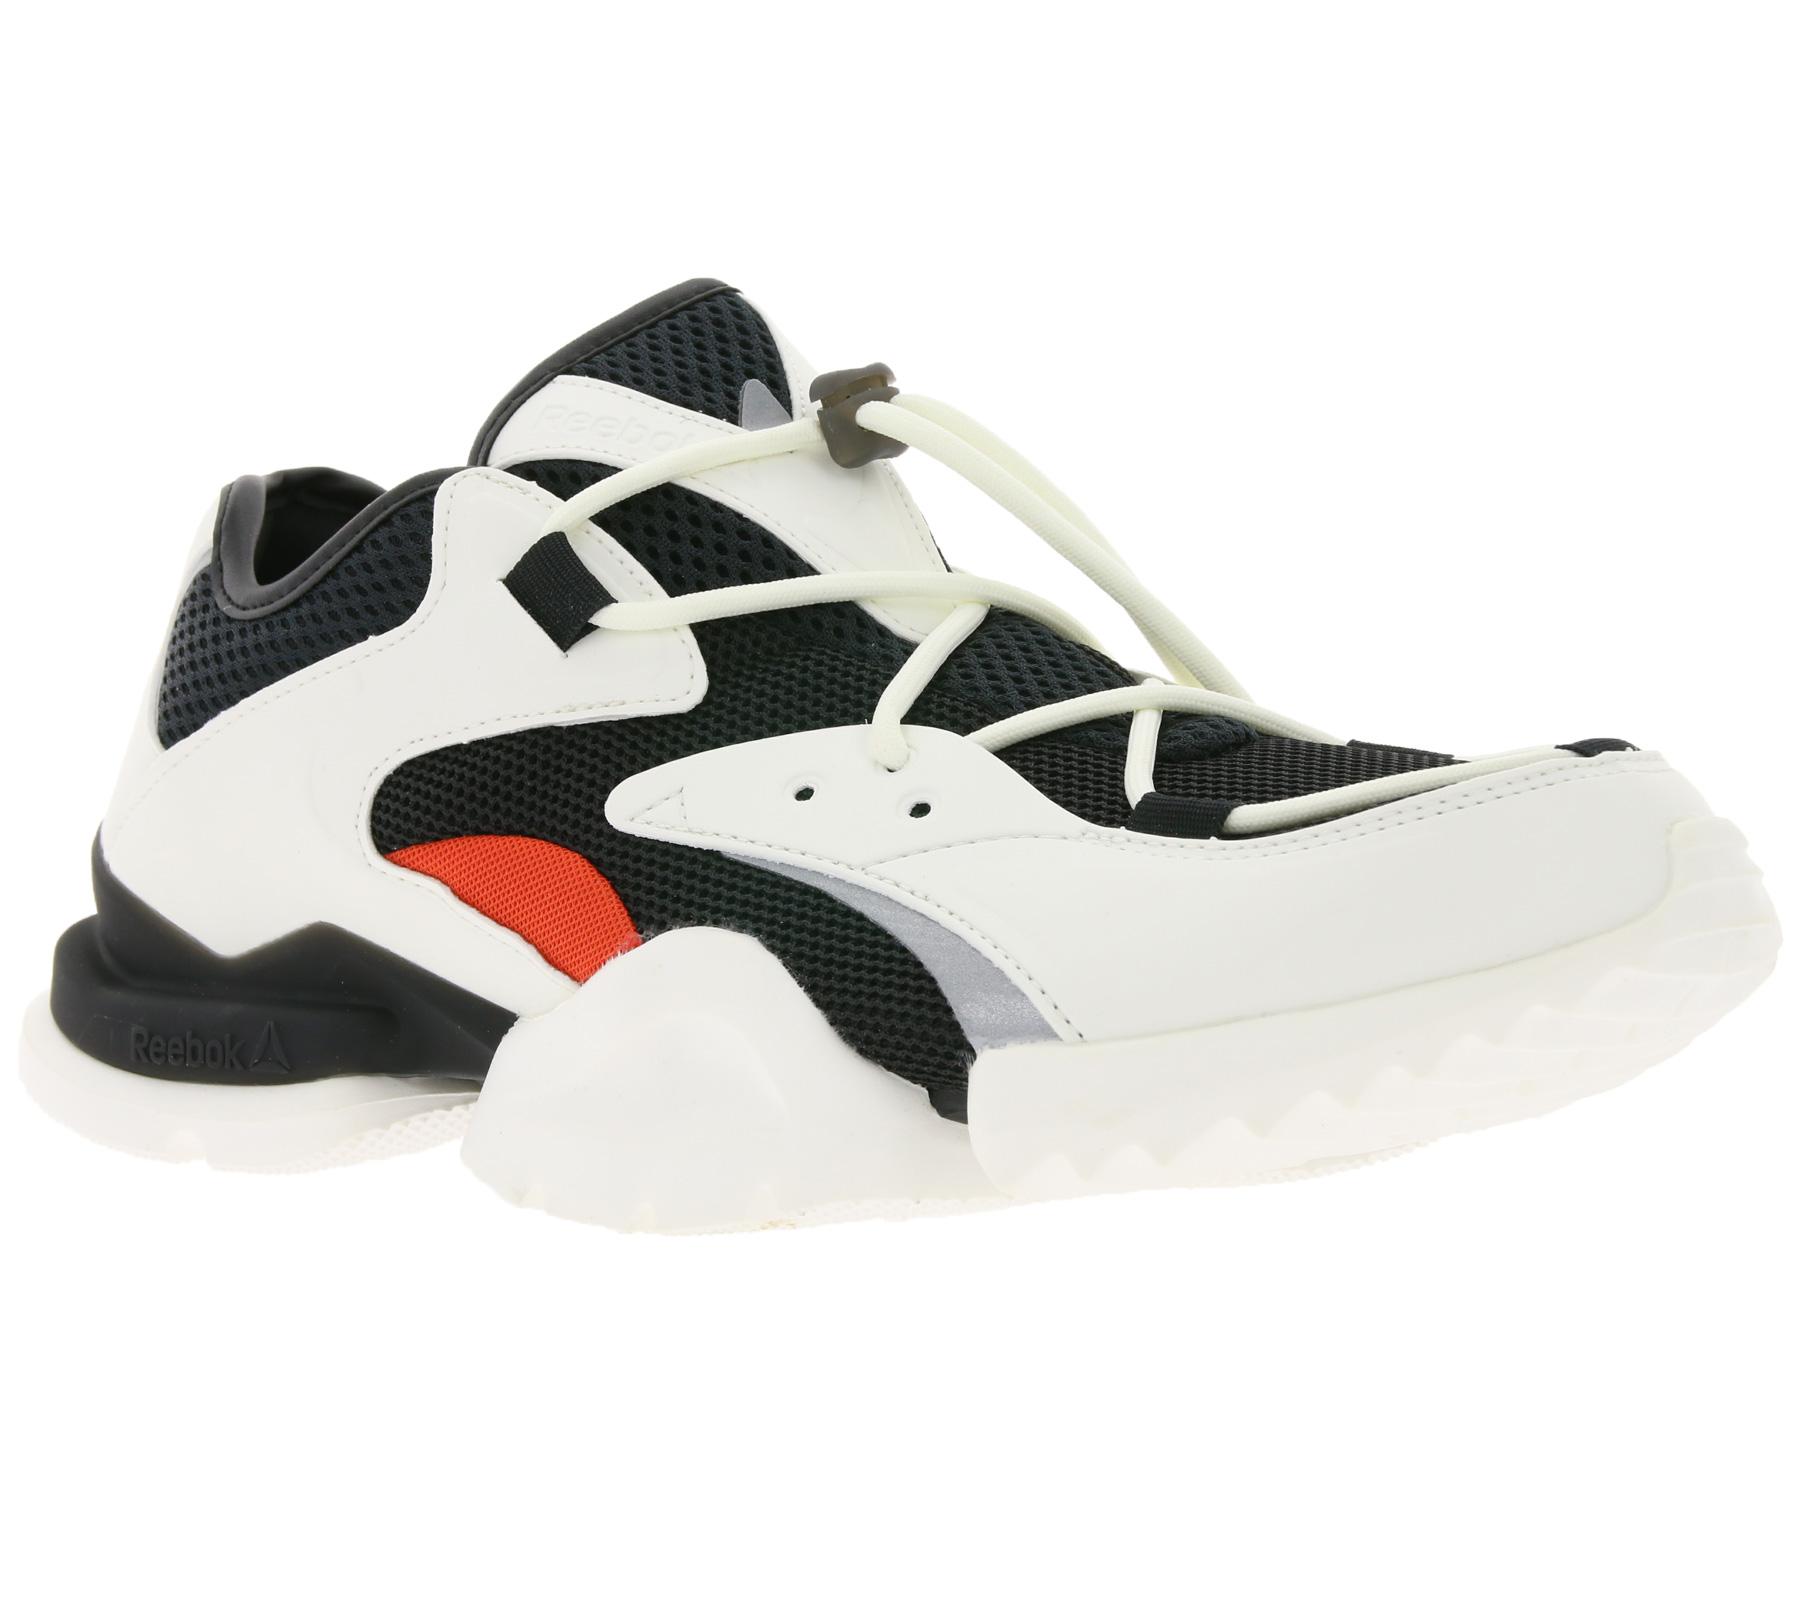 aec831548298d Reebok Schuhe lässige Sneaker Run R 96 Weiß